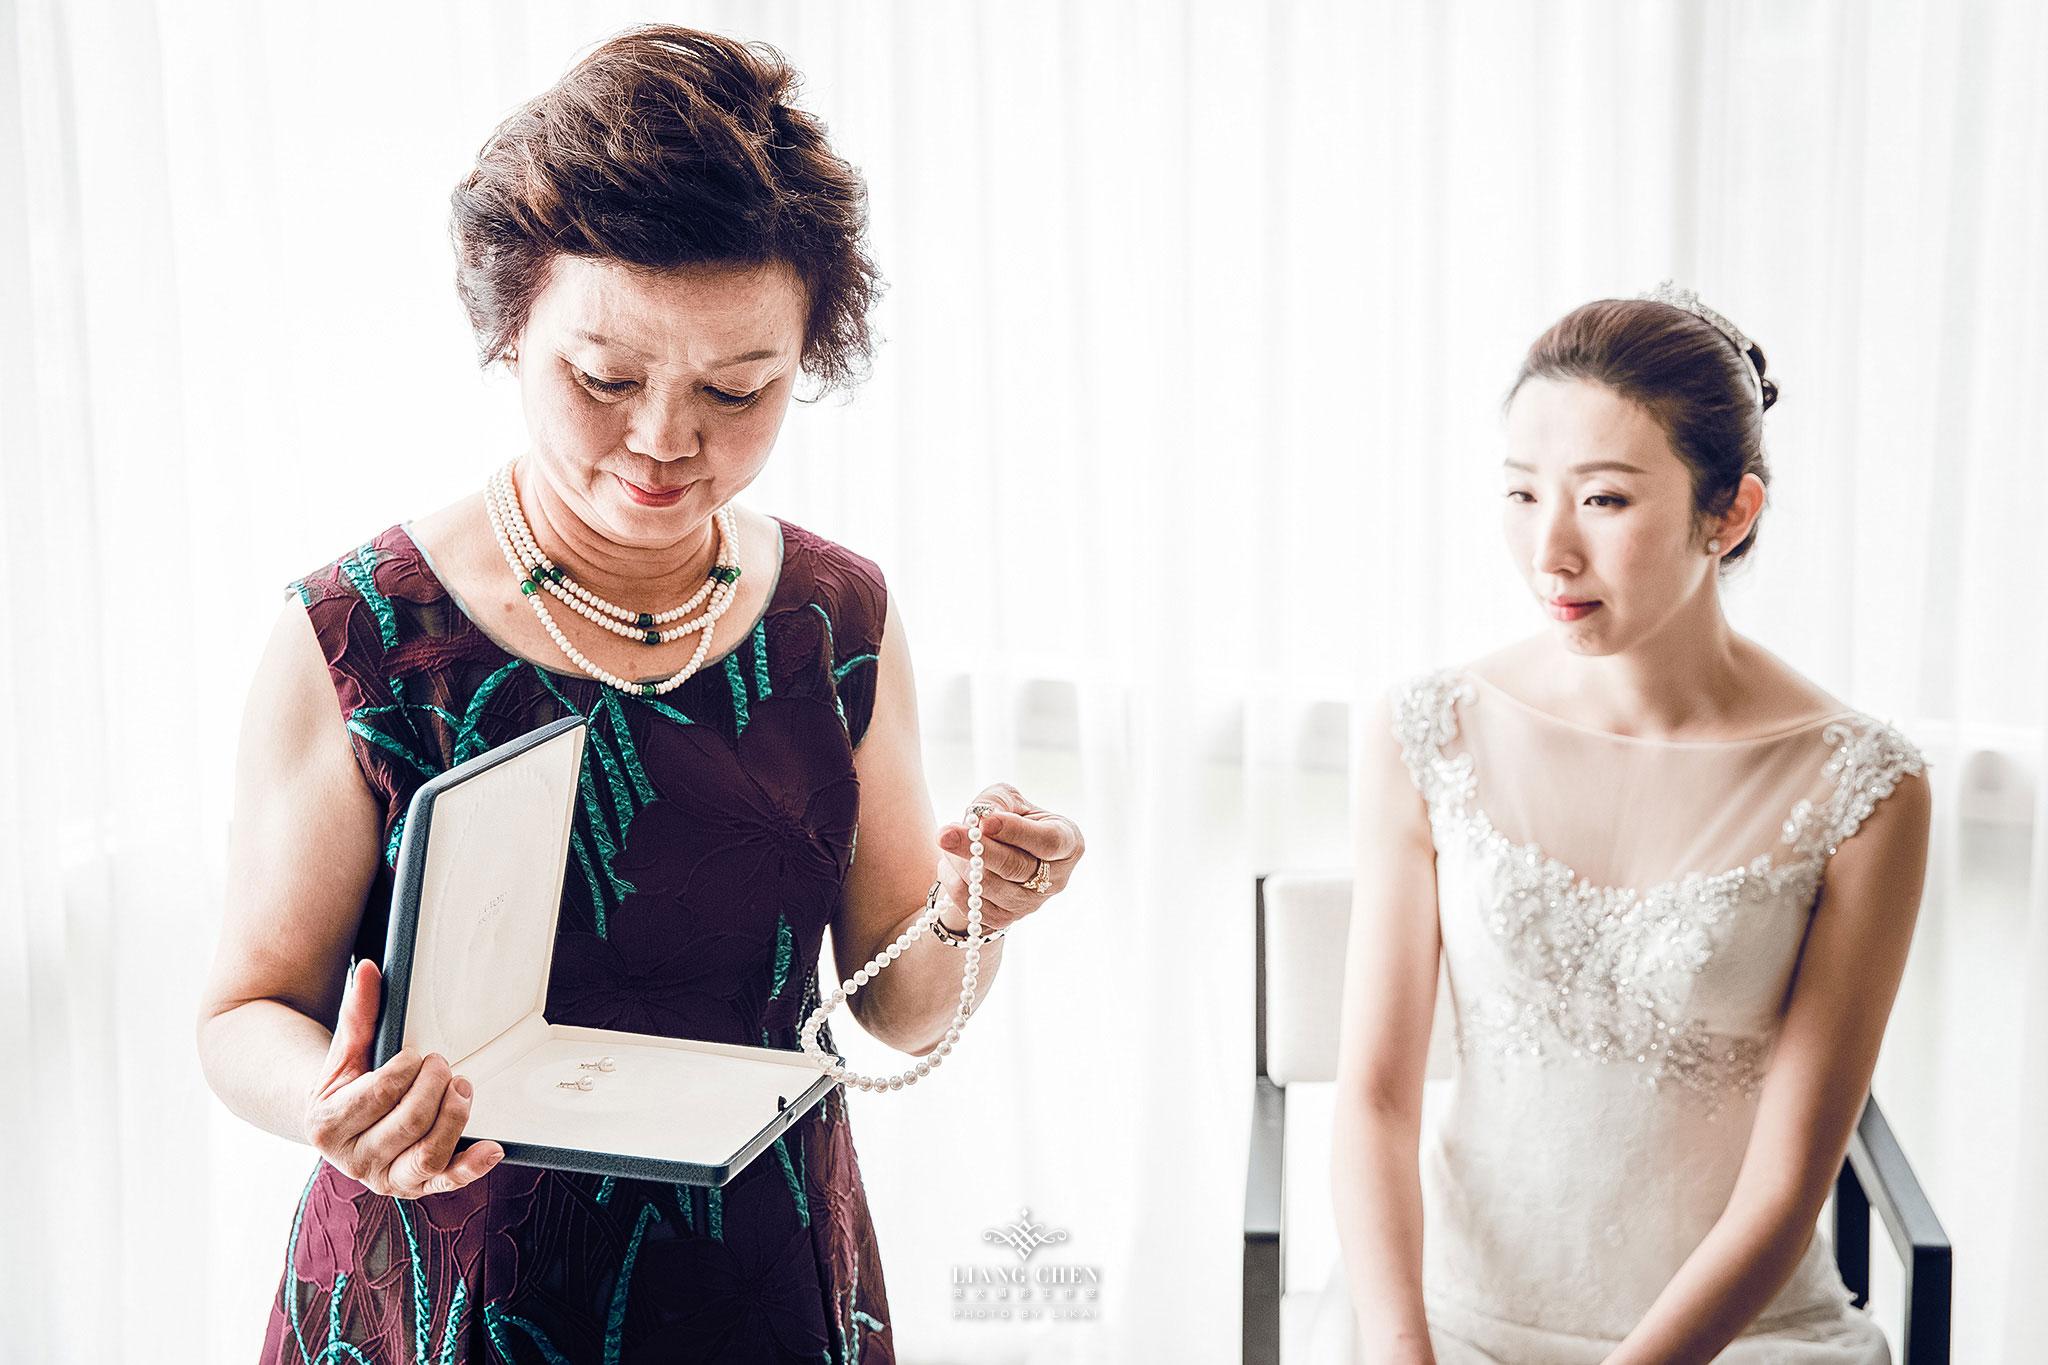 婚禮紀錄 - 我們與母親的距離